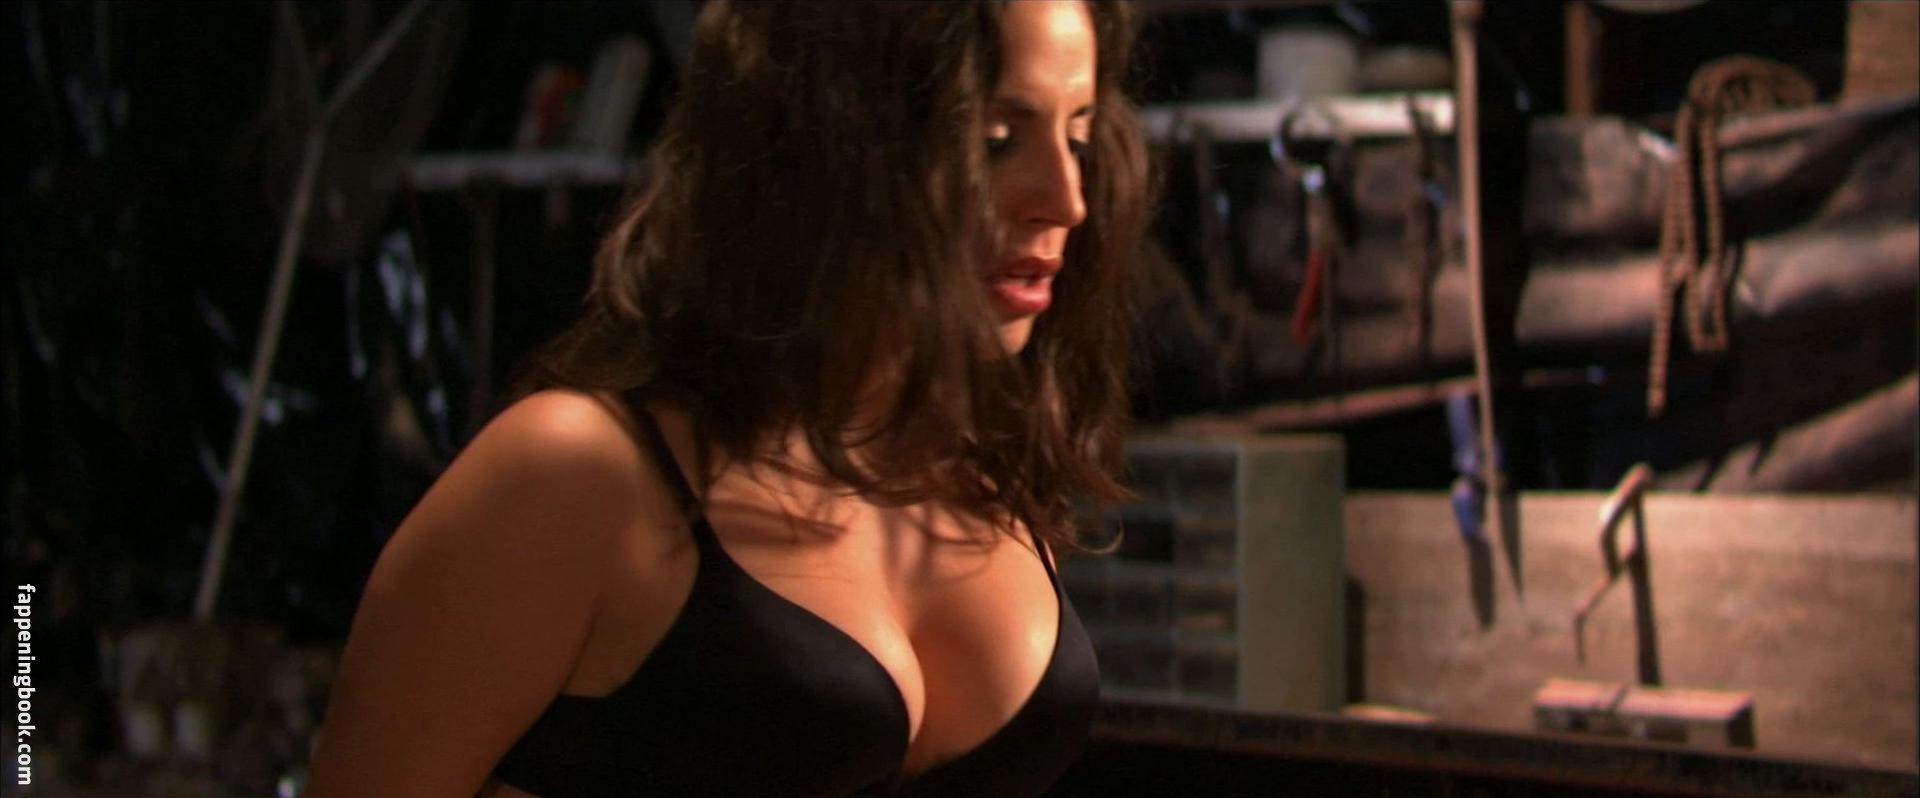 Amelia Meyers Nude